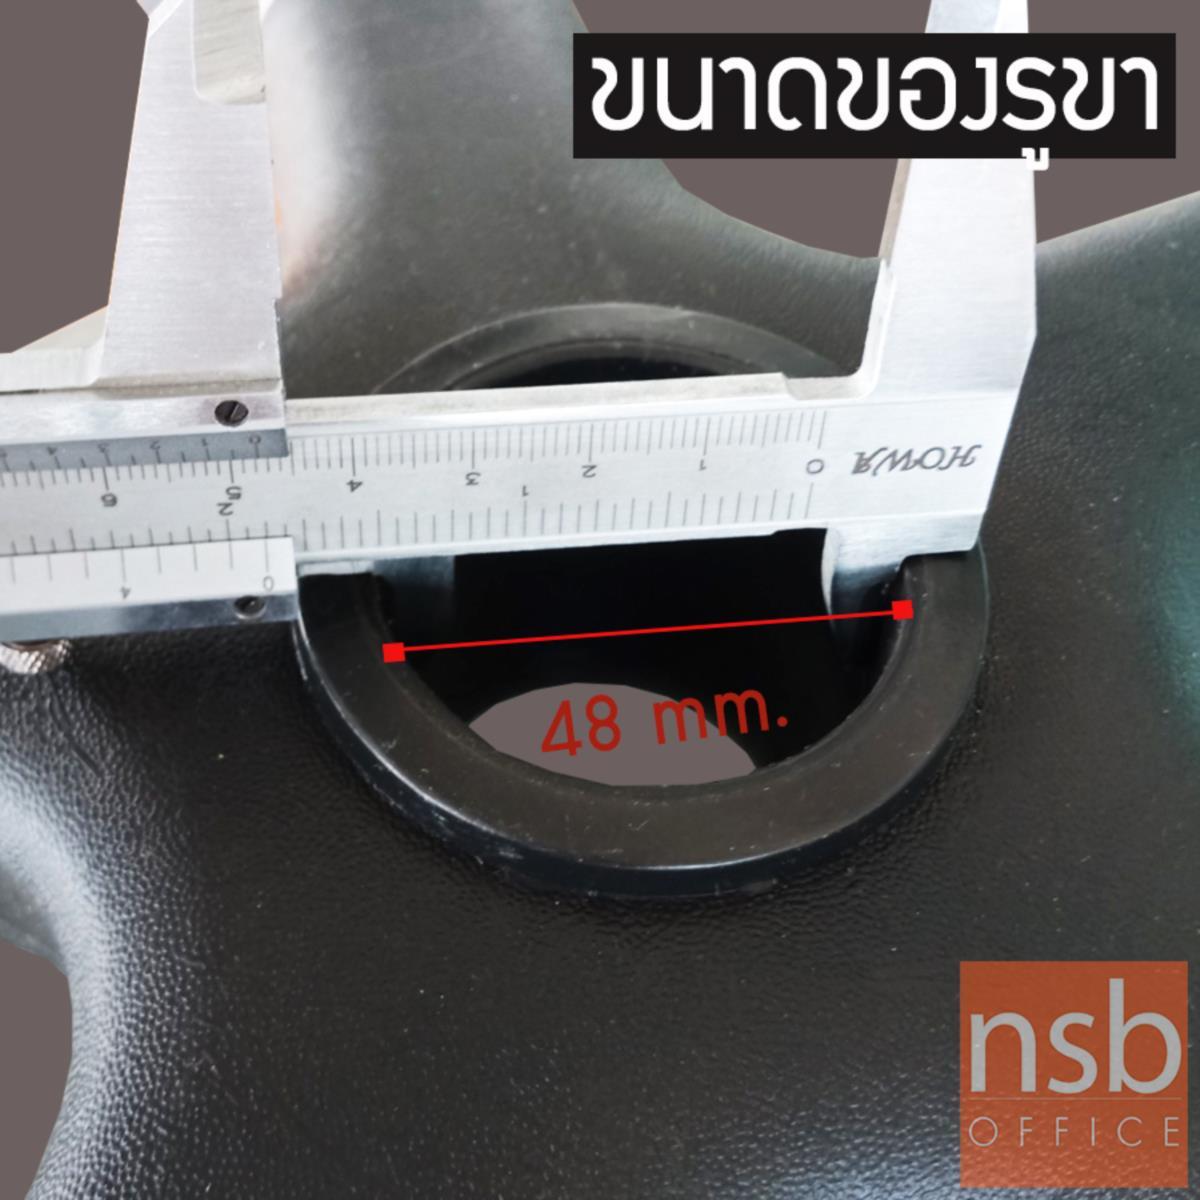 ขาเก้าอี้สำนักงานพลาสติก 5 แฉก  ขนาด  24, 26 นิ้ว พร้อมลูกล้อ PP